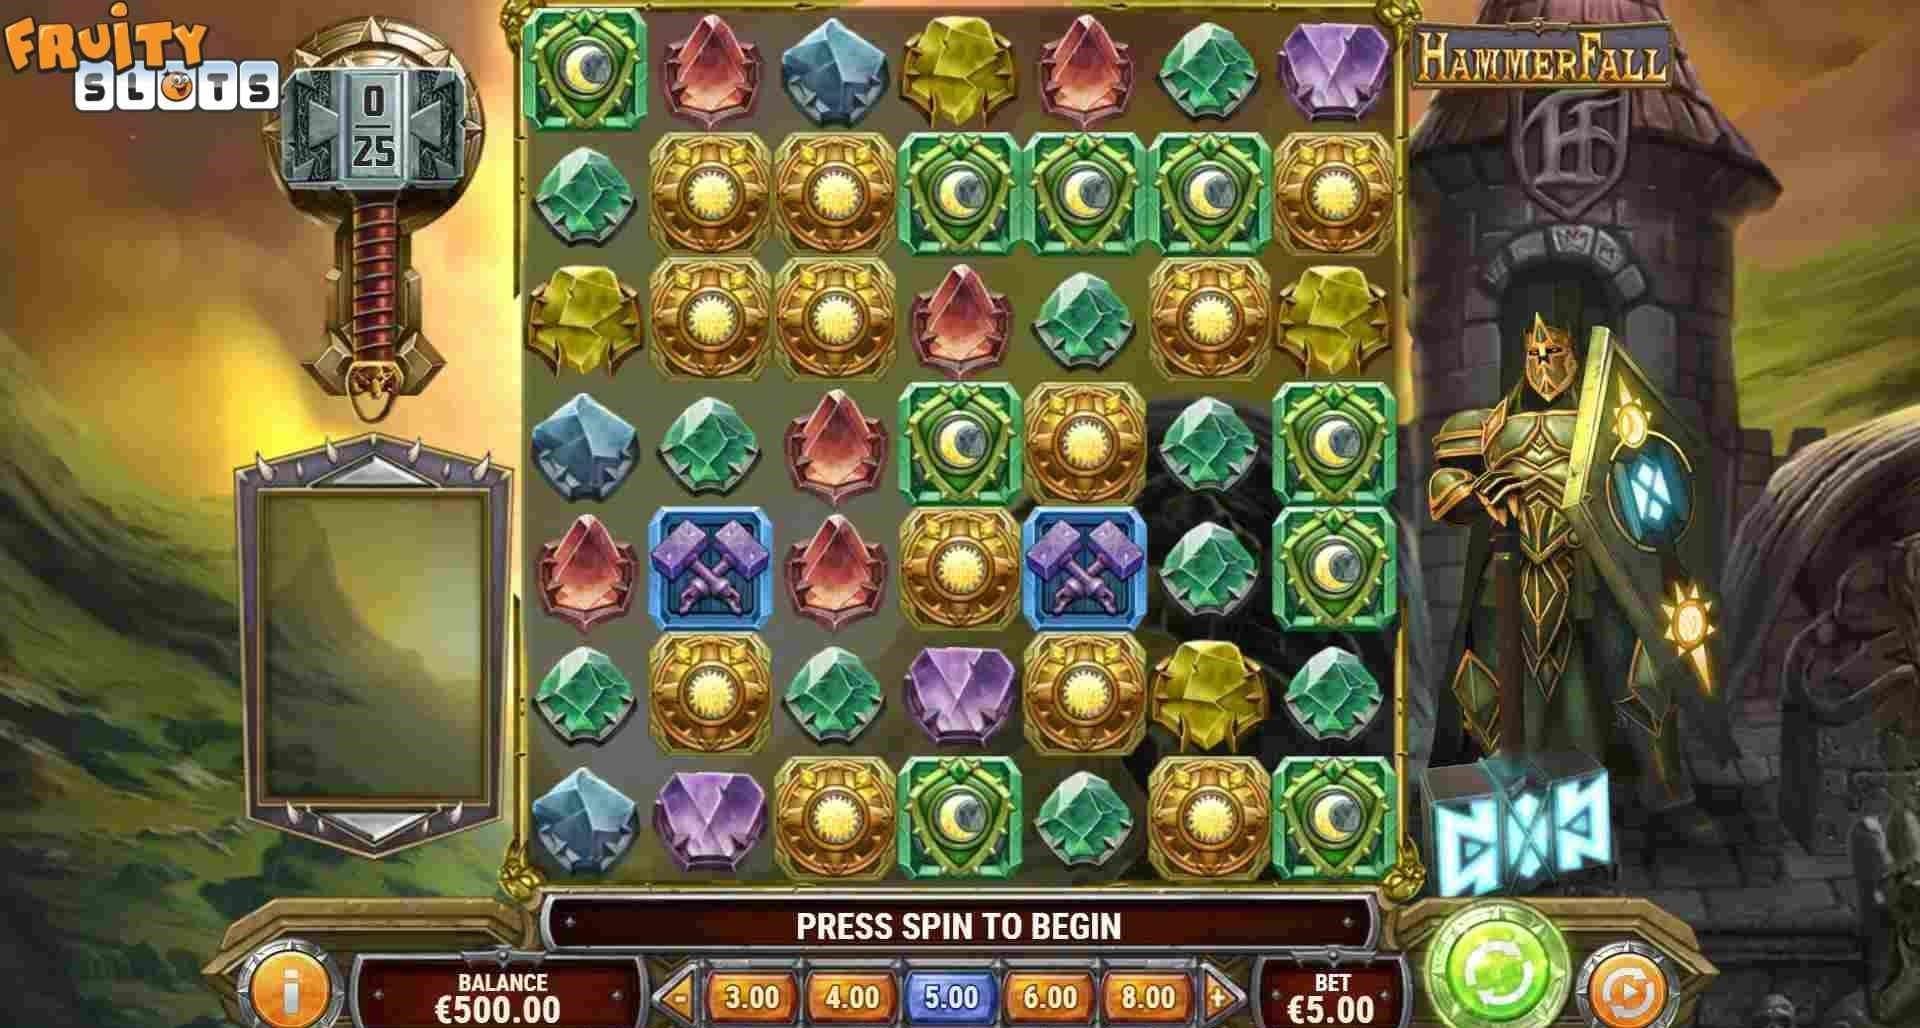 Hammerfall Slot Gameplay